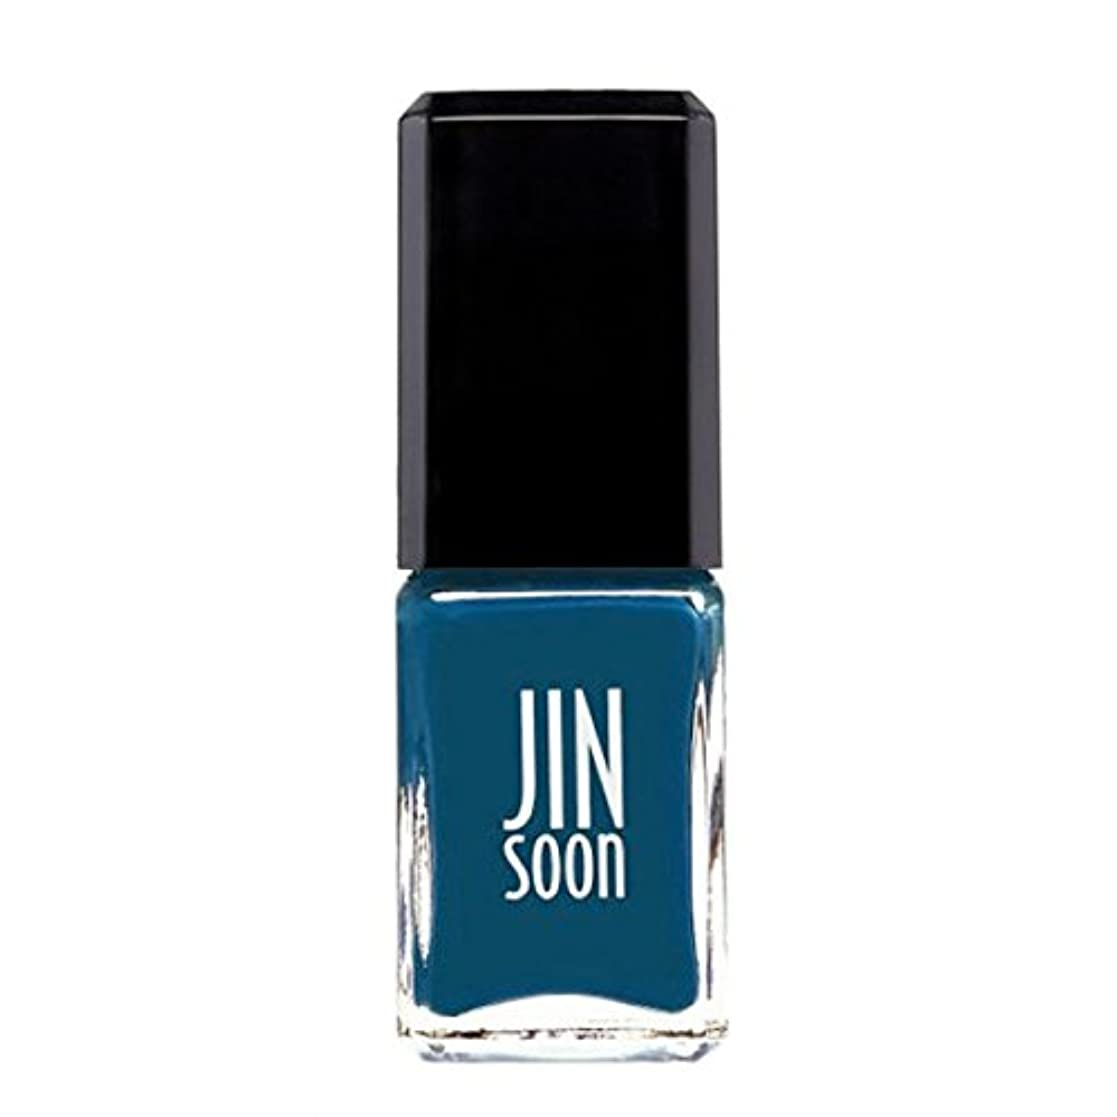 心理学発生コントロール[ジンスーン] [ jinsoon] ボウ(ティールブルー) BEAU ジンスーン 5フリー ネイルポリッシュ ネイルカラー系統:ティールブルー teal blue 11mL